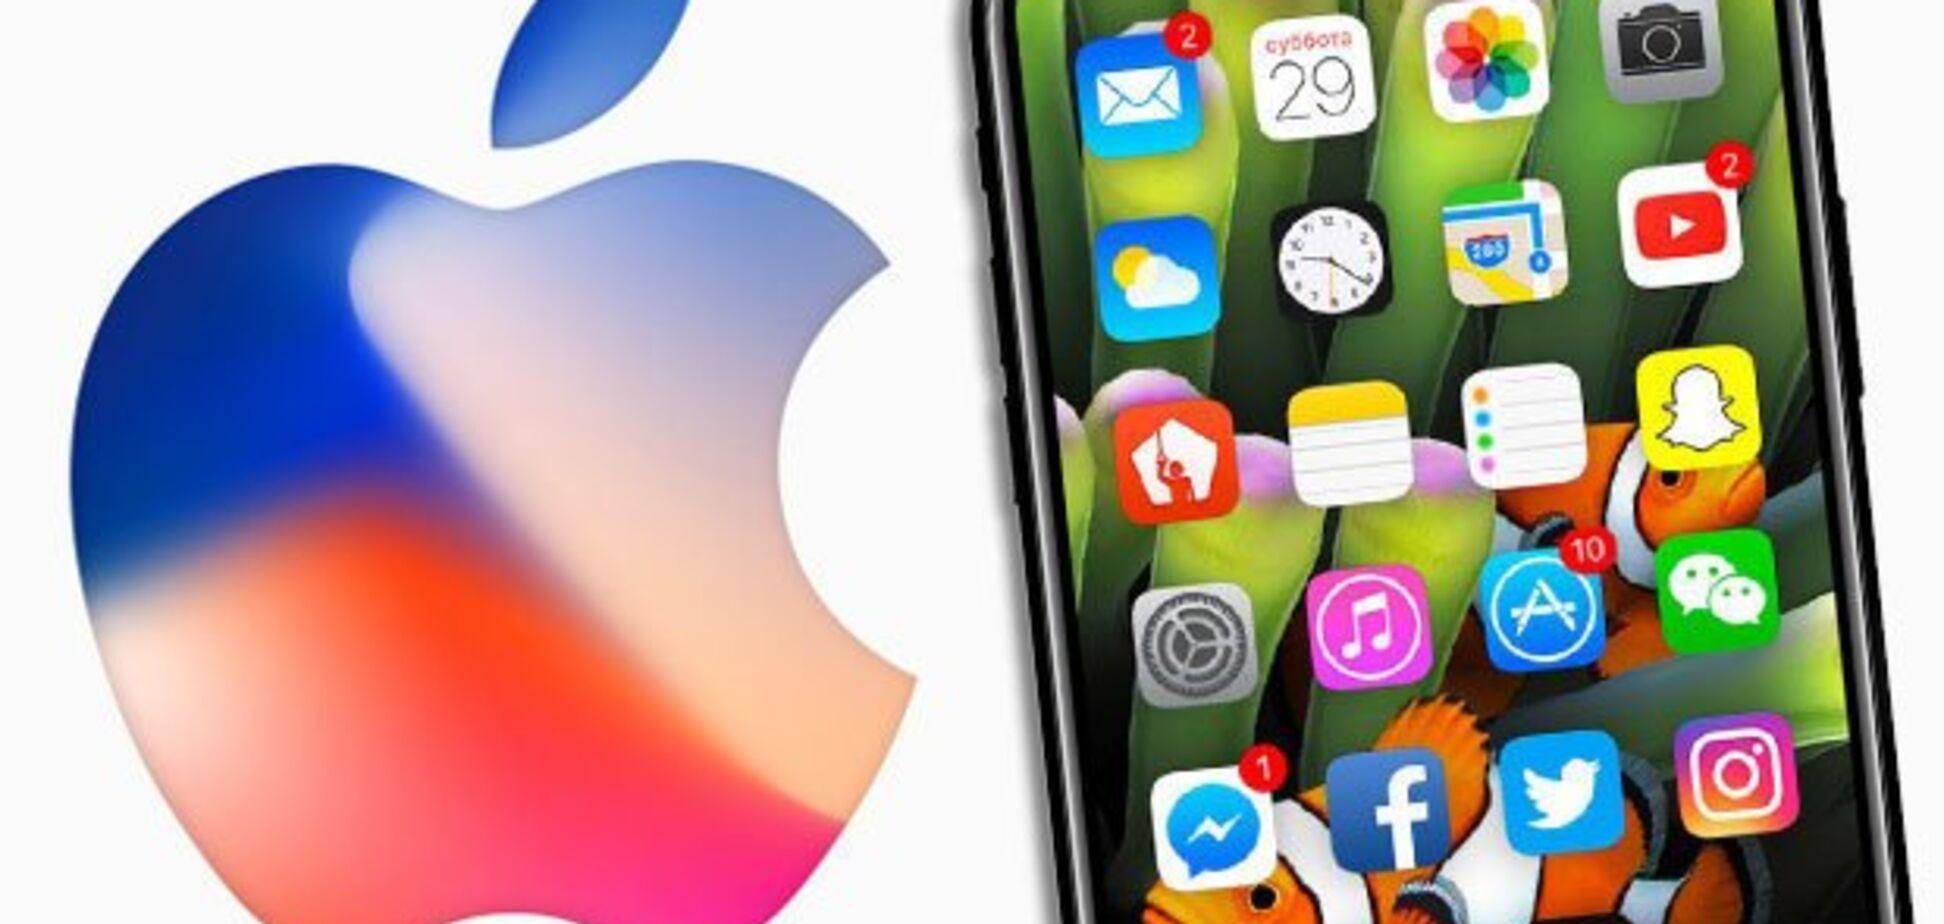 Нові iPhone не допомогли: Apple постраждала через ''шокуючі'' ціни на смартфони